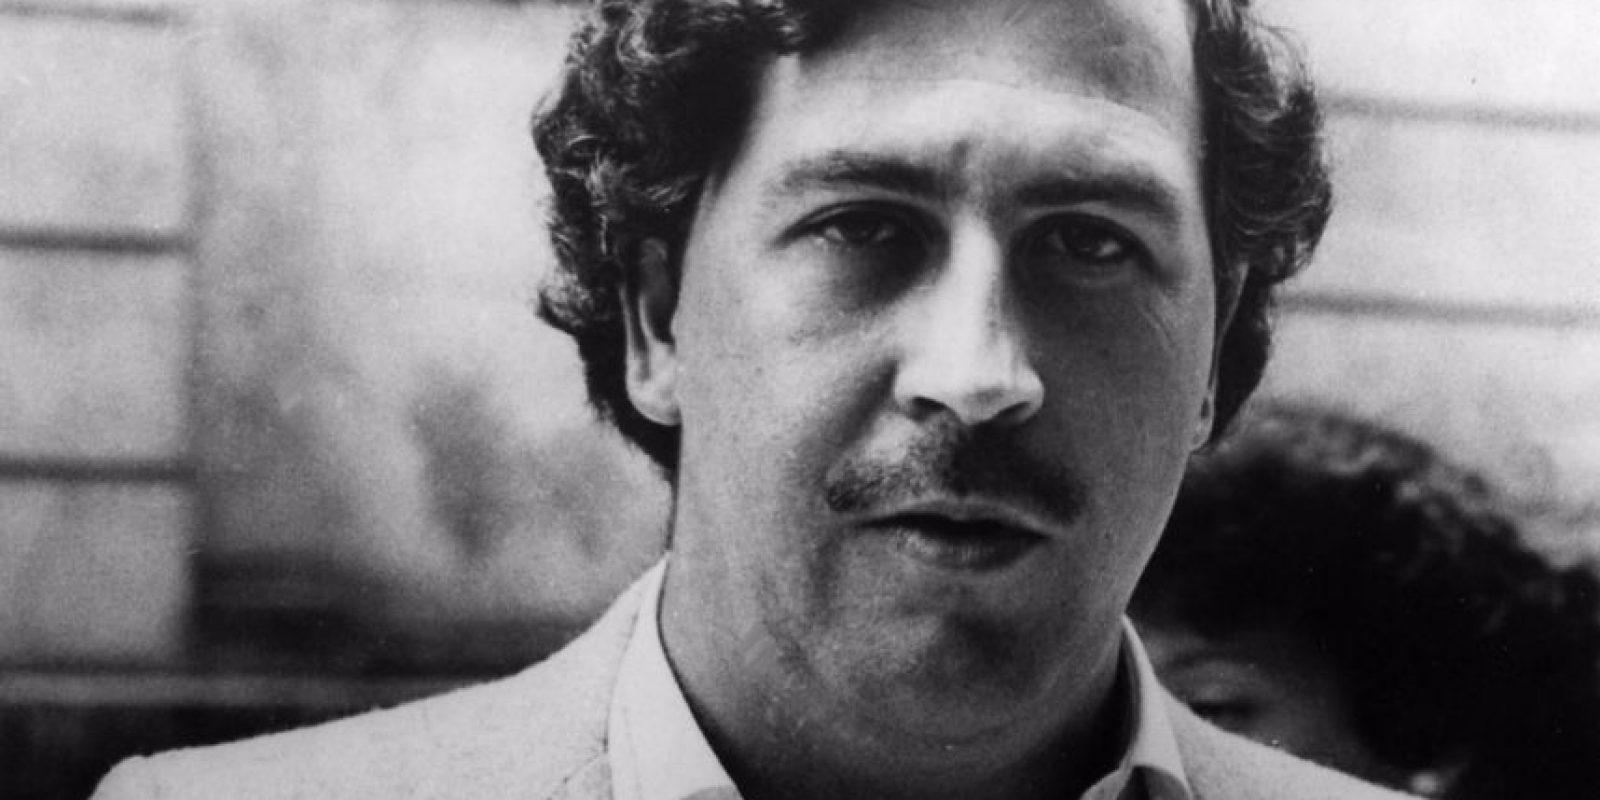 Sus hijos incluso viven con el estigma del capo. Juan Sebastián Marroquín ha insistido por todos los medios en borrar lo que dejó su padre. Foto:Getty Images. Imagen Por: